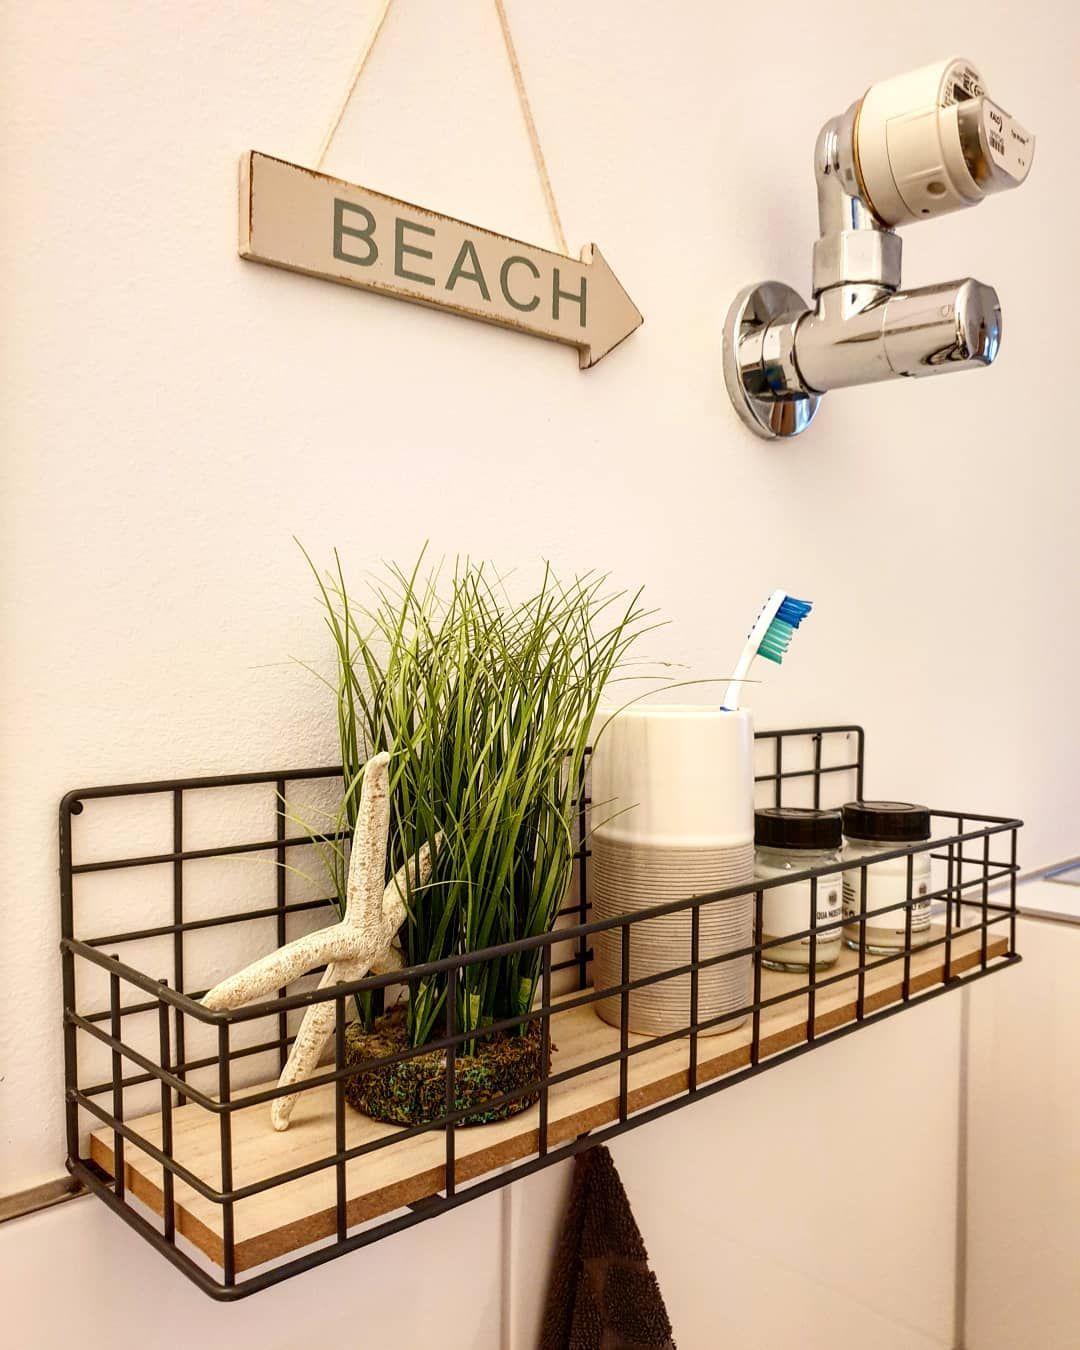 badezimmer bathroom regal regalborte maritim deko dekoration ...